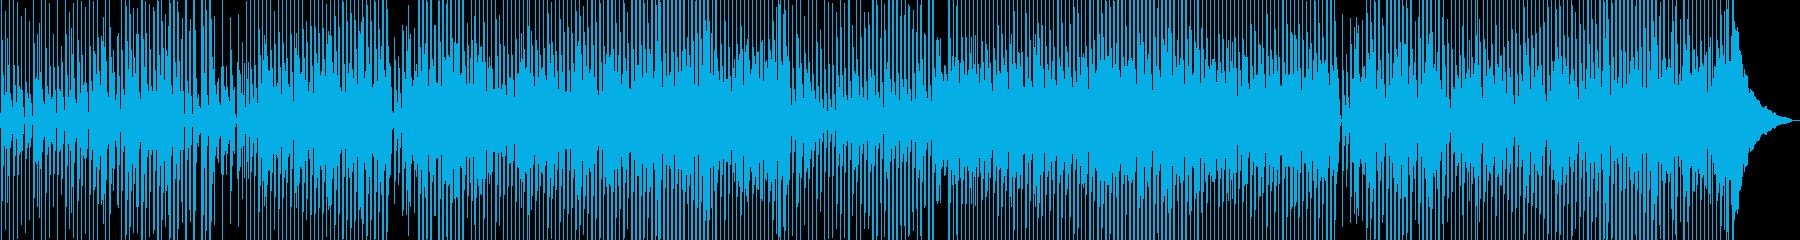 きらきらポップな軽快ミュージックの再生済みの波形